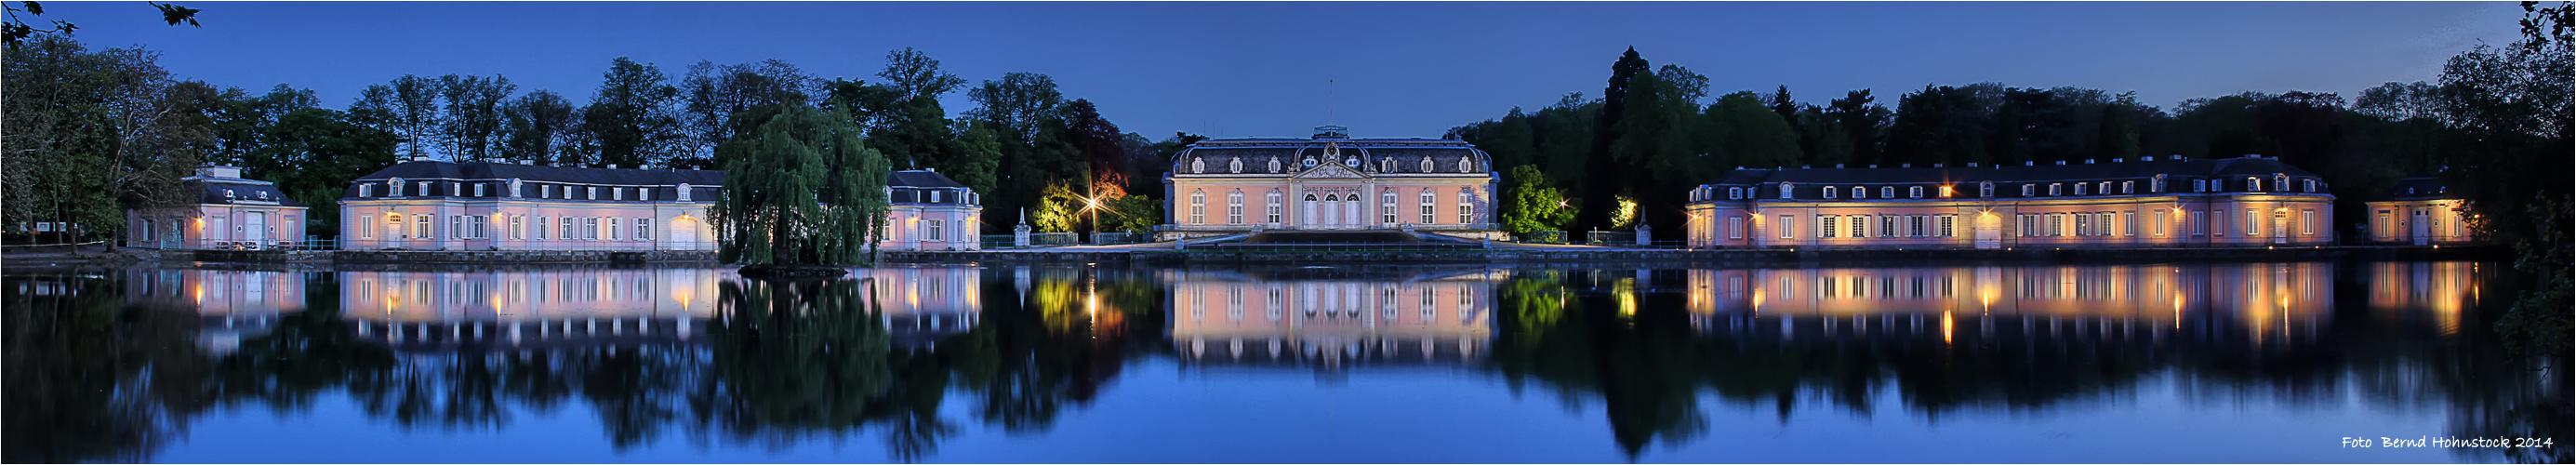 Schloss Benrath ........